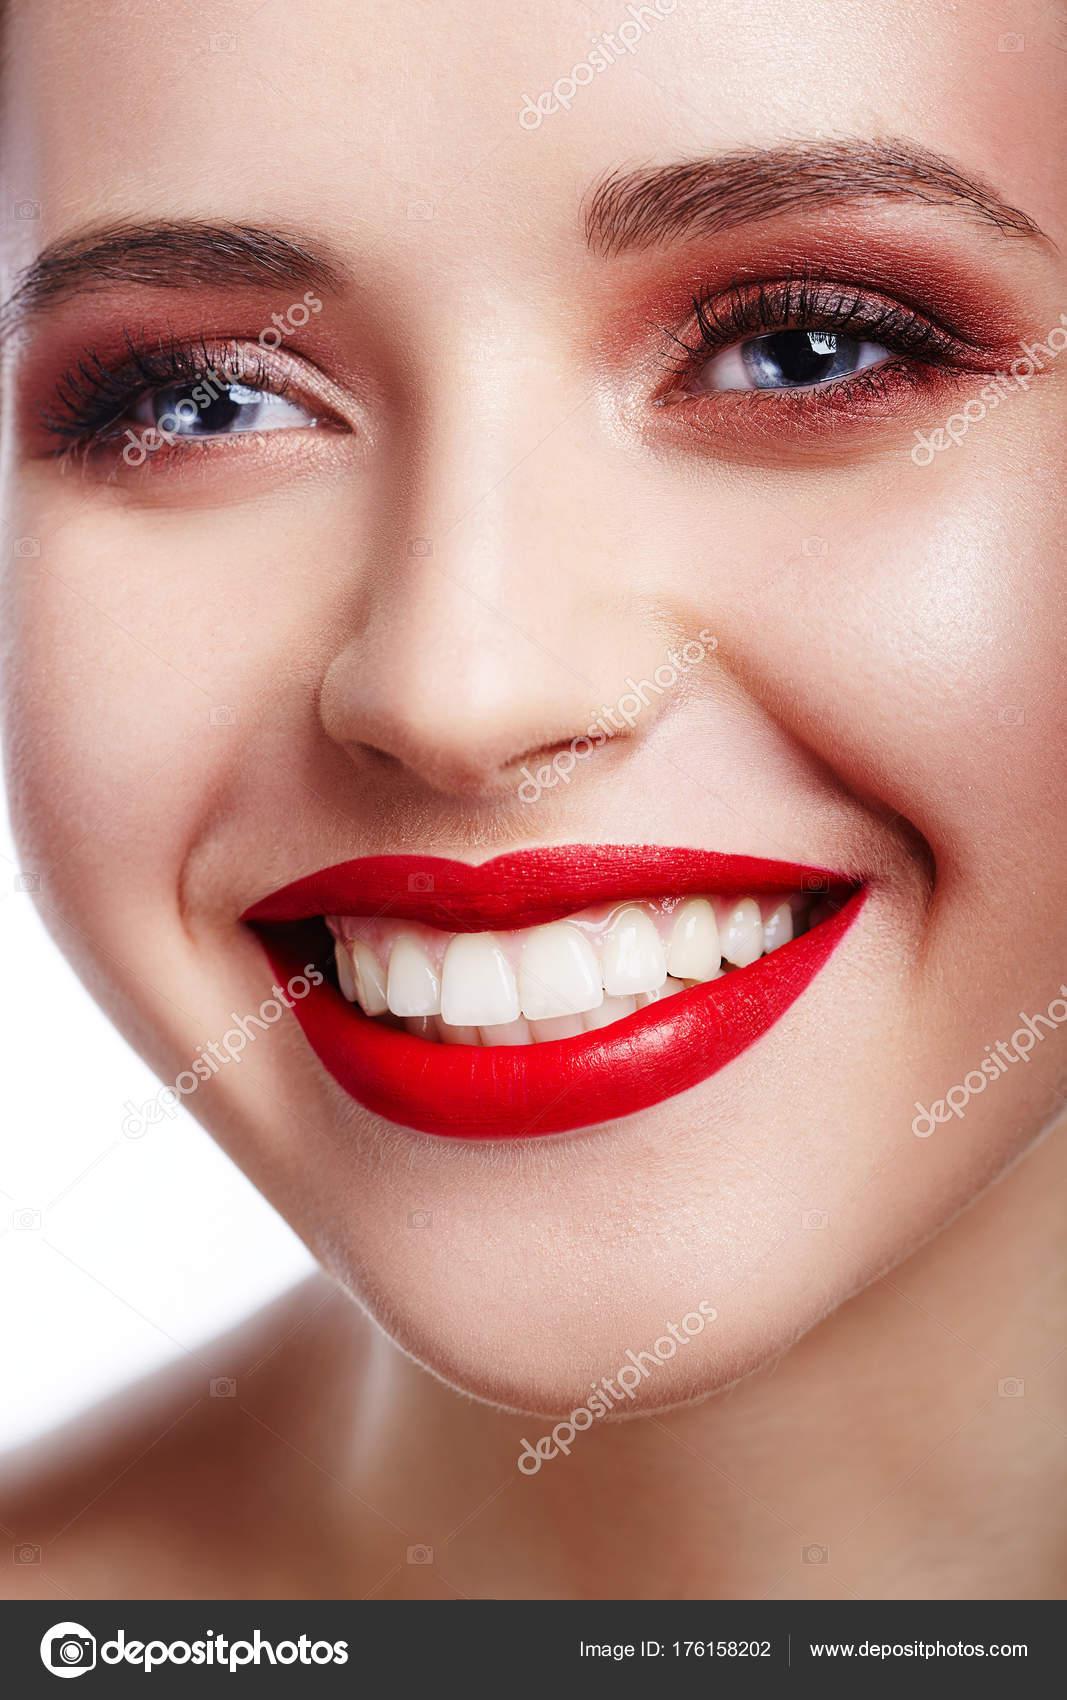 Retrato Rosto Jovem Morena Mulher Lindo Com Limpar Pele Beleza